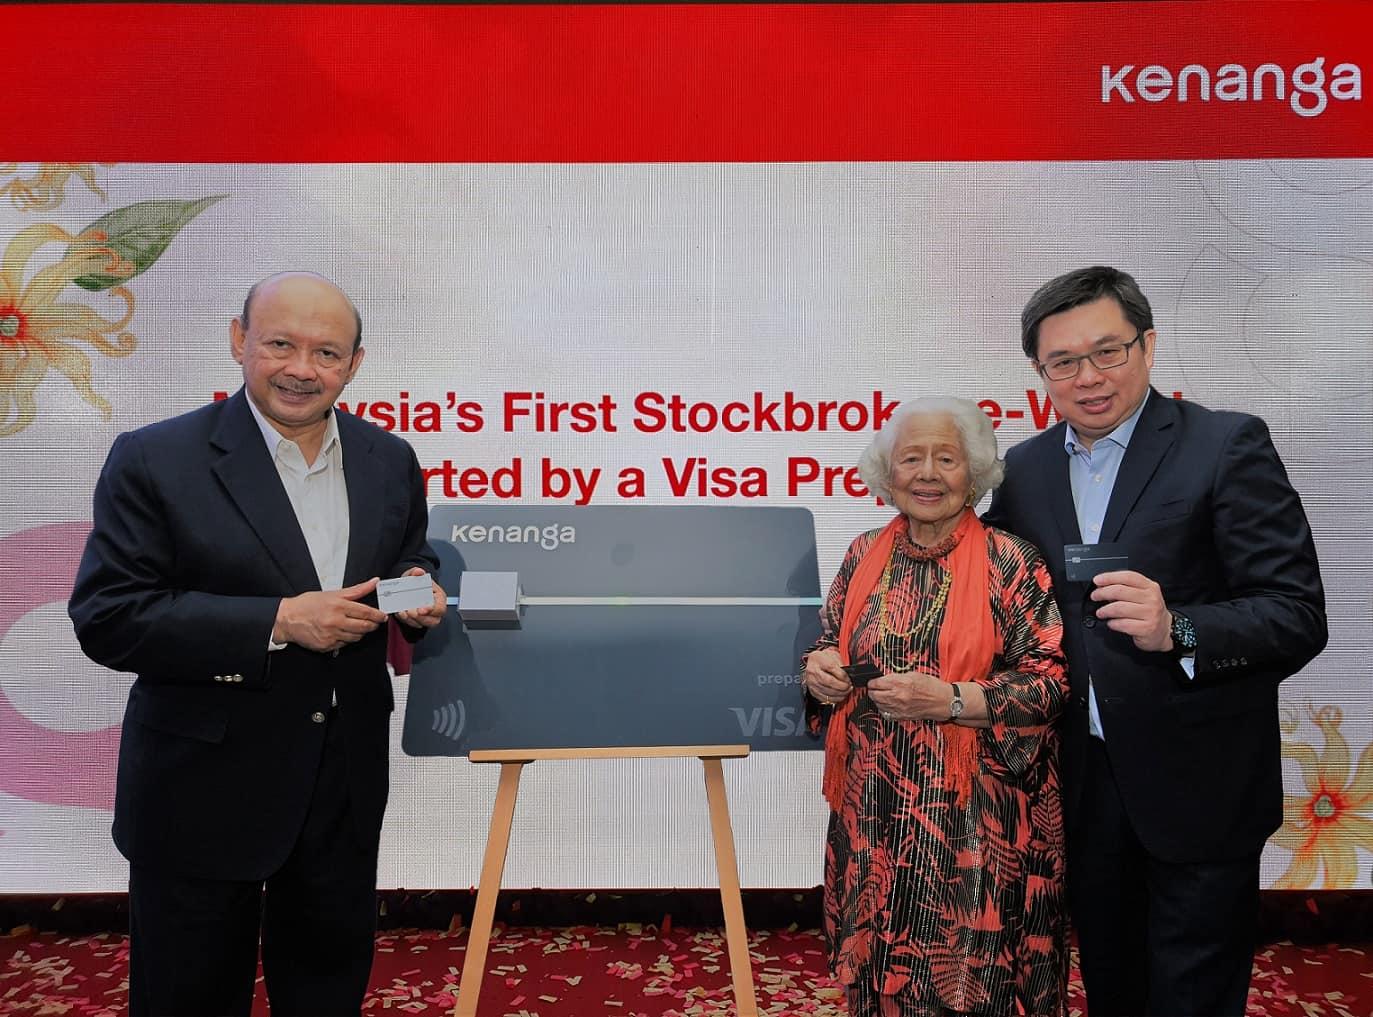 Kenanga Money Launched